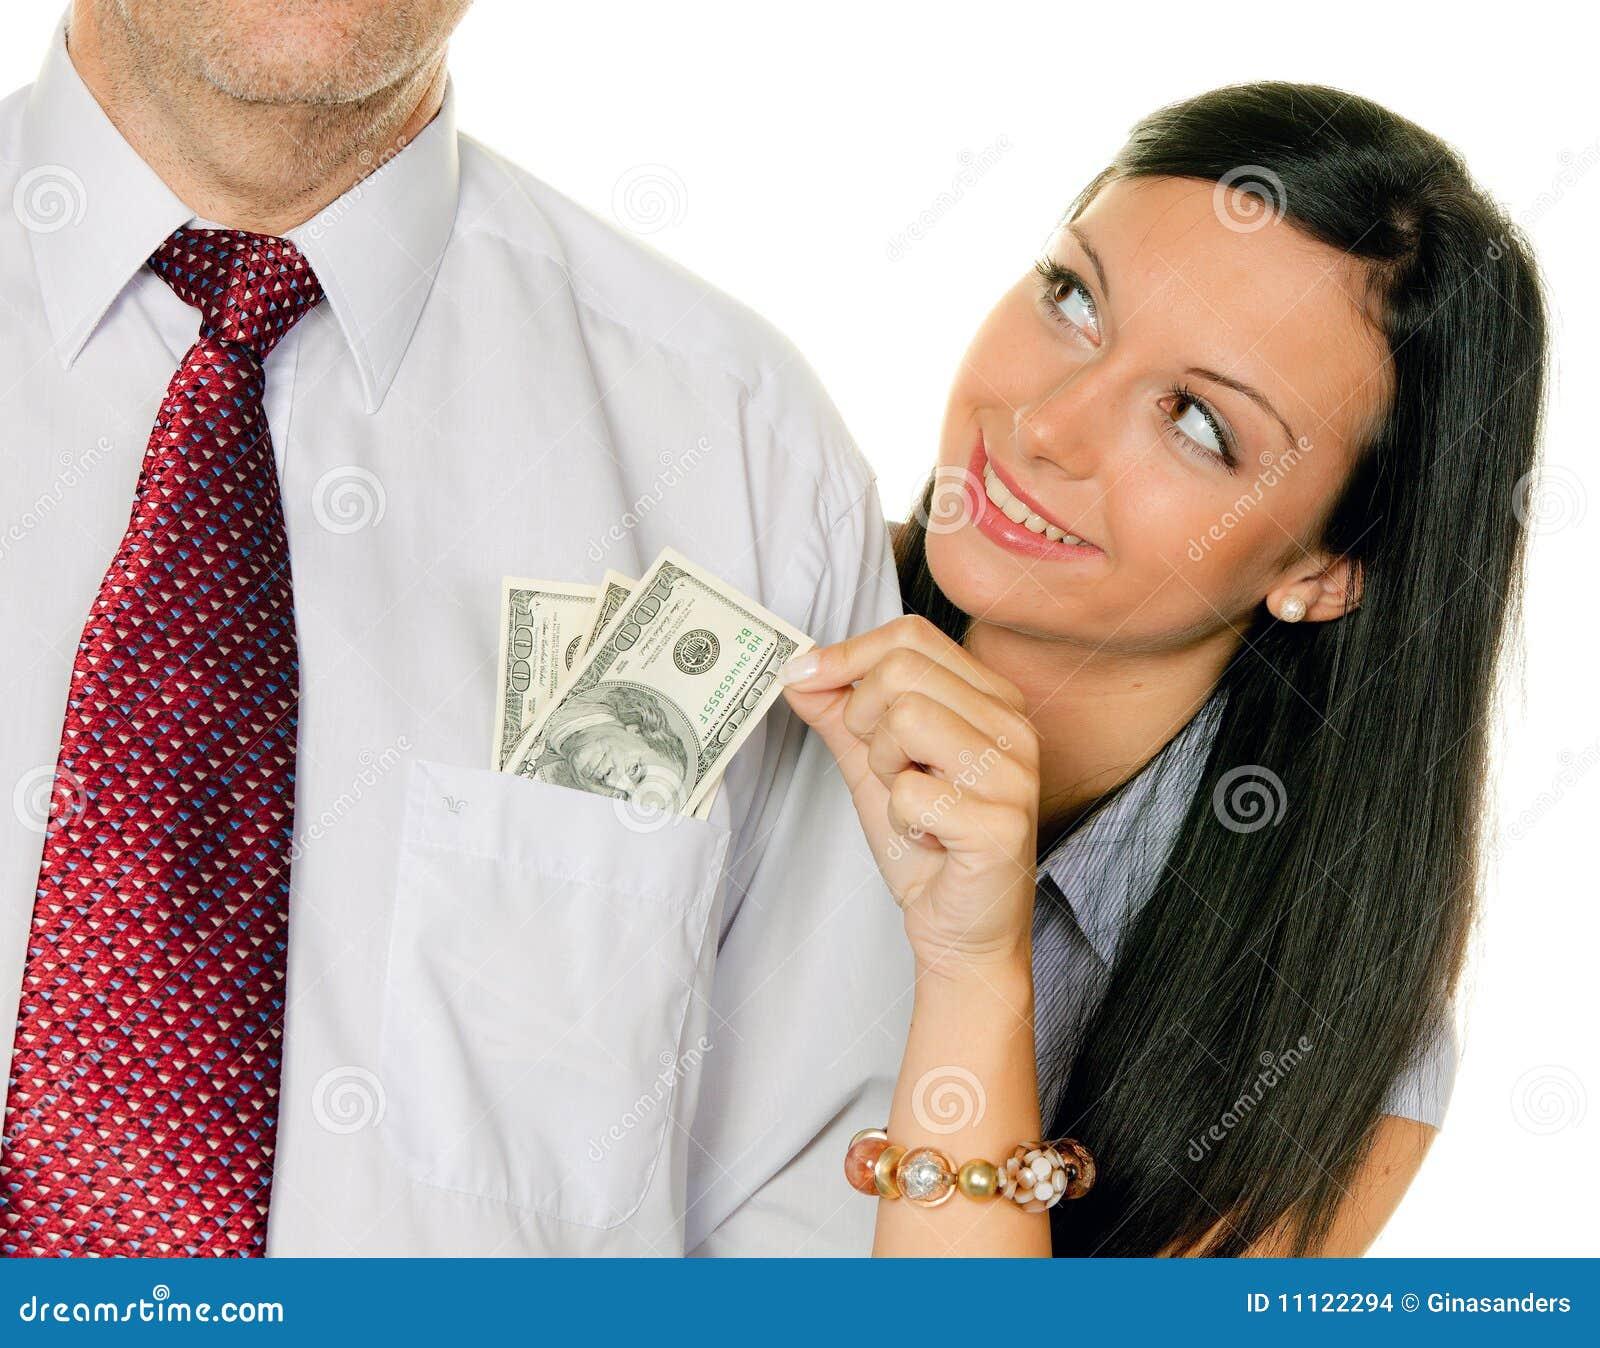 frau zieht einen mann das geld tasche dollar heraus stockbilder bild 11122294. Black Bedroom Furniture Sets. Home Design Ideas